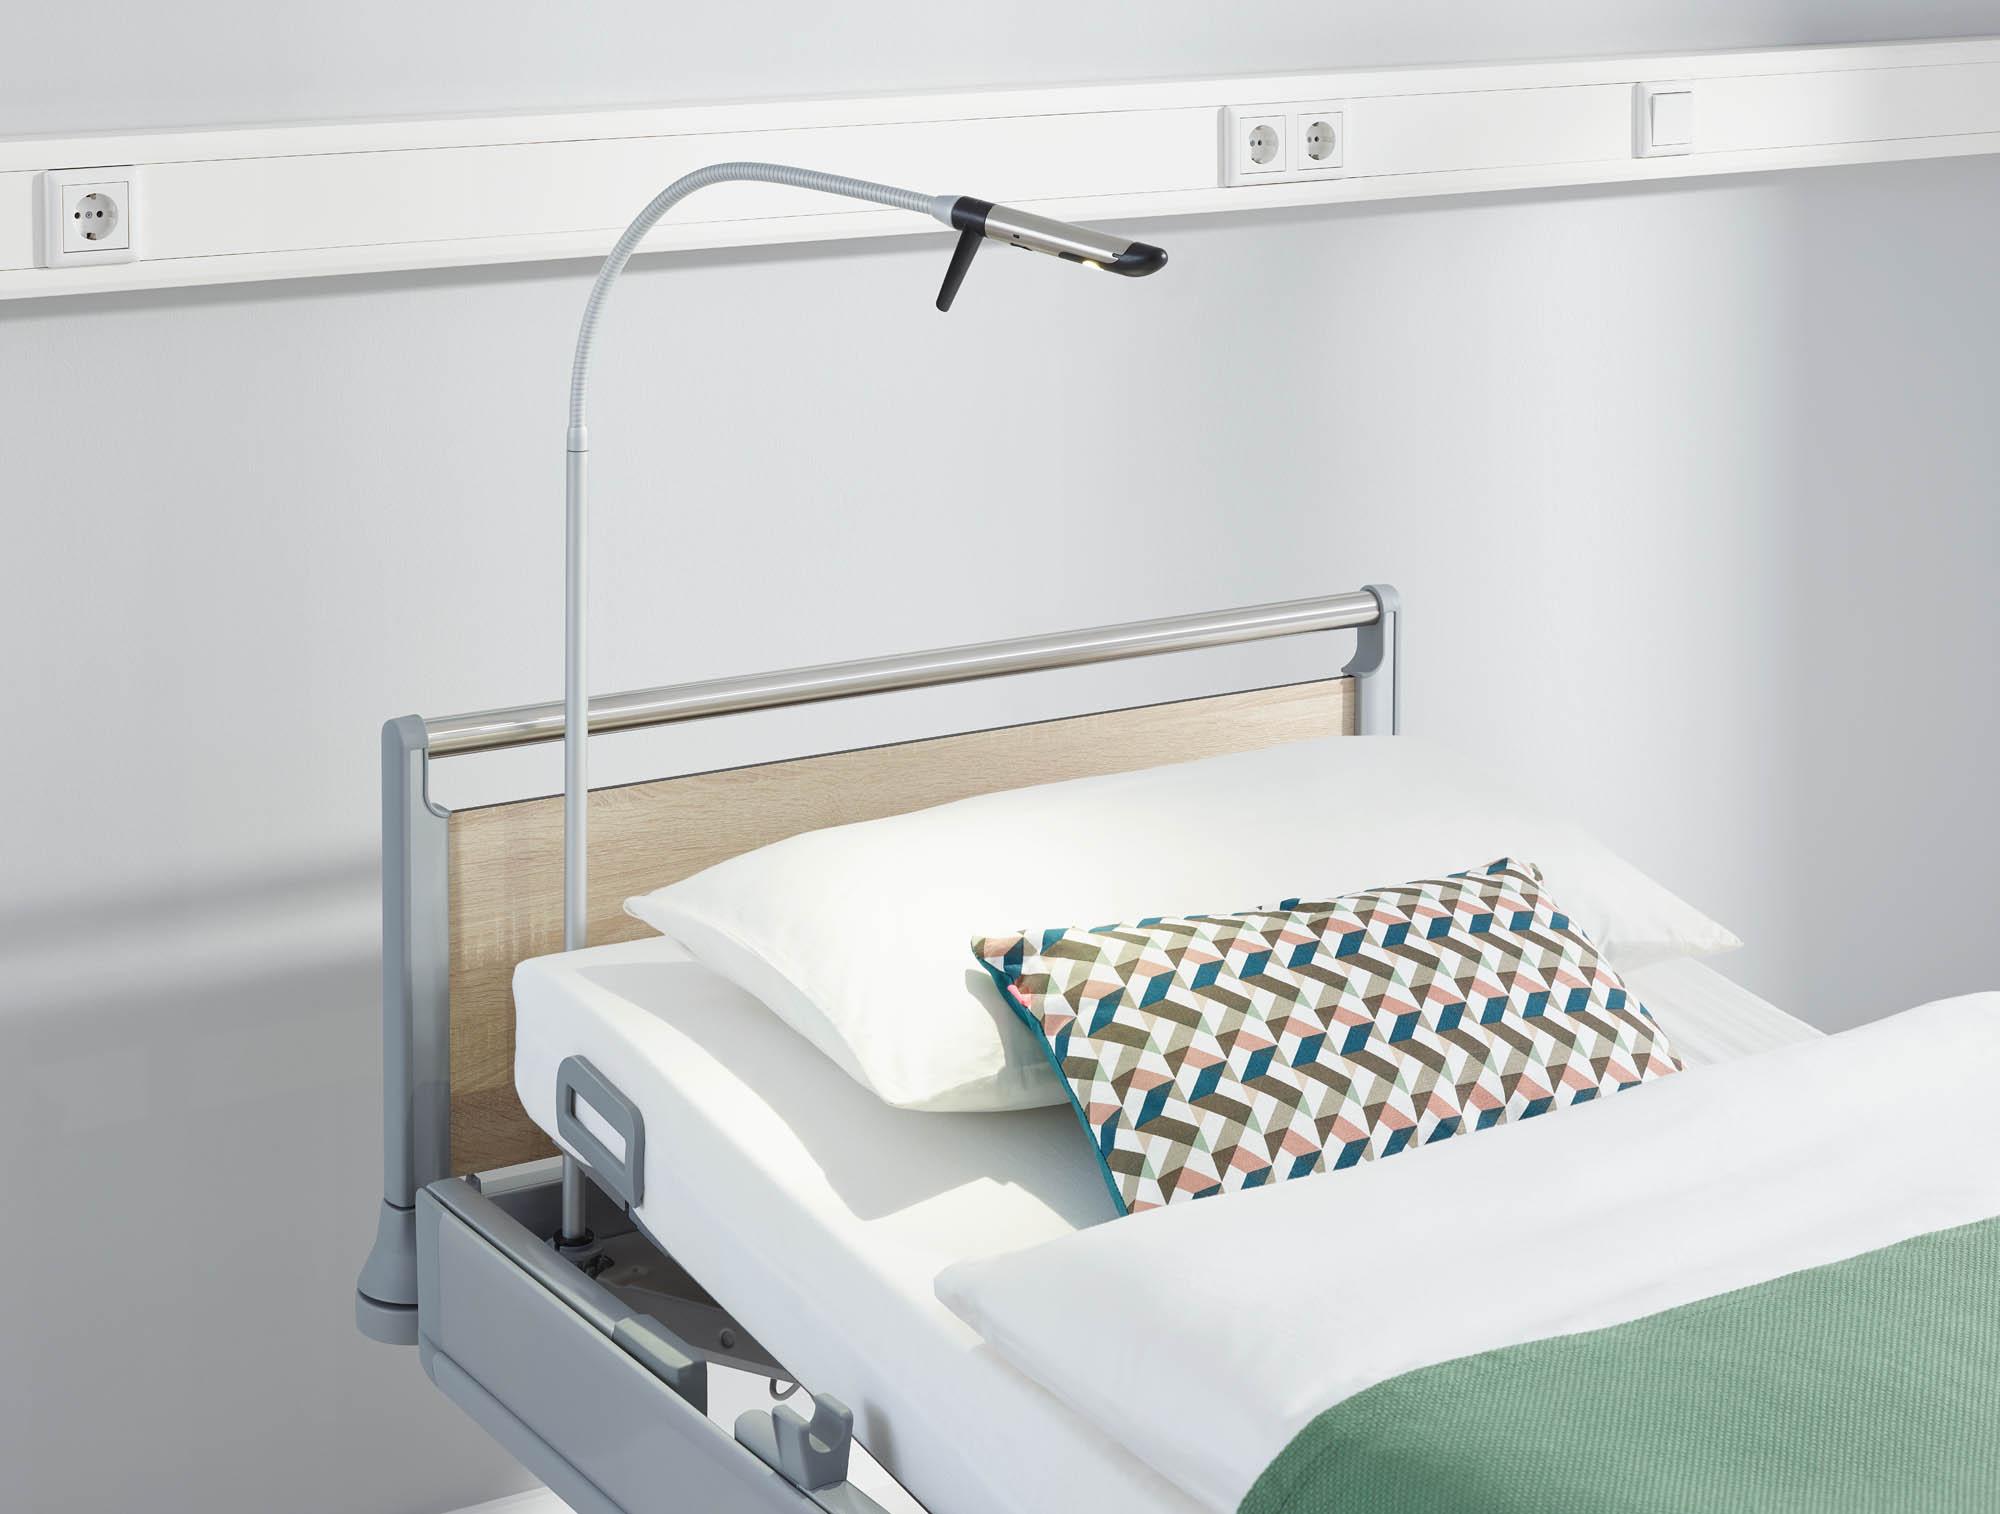 Die LED-Leseleuchte Stella verbindet hochwertiges Design mit einer langen Lebensdauer. Der Leuchtenkopf ist aus hochglanzpoliertem Edelstahl.